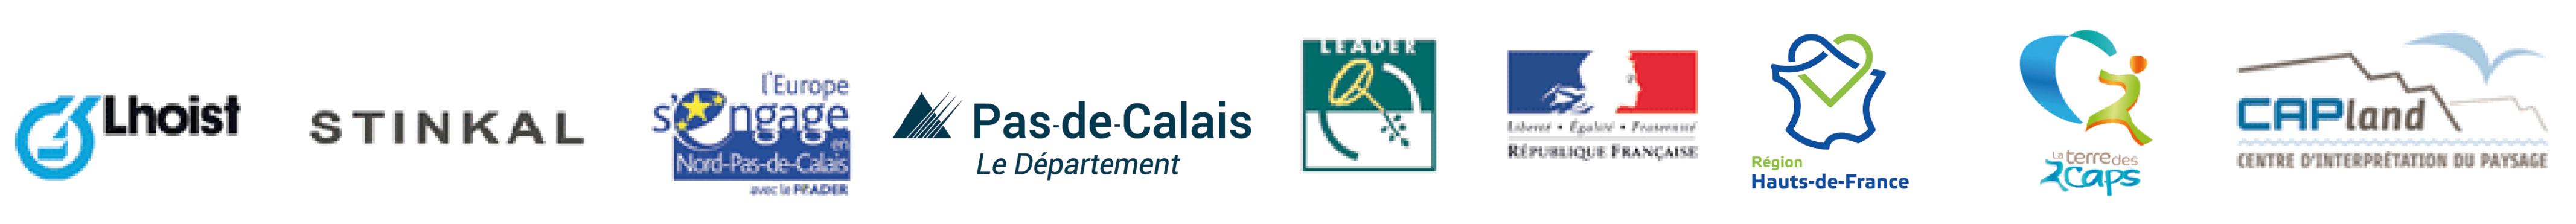 logos-capland